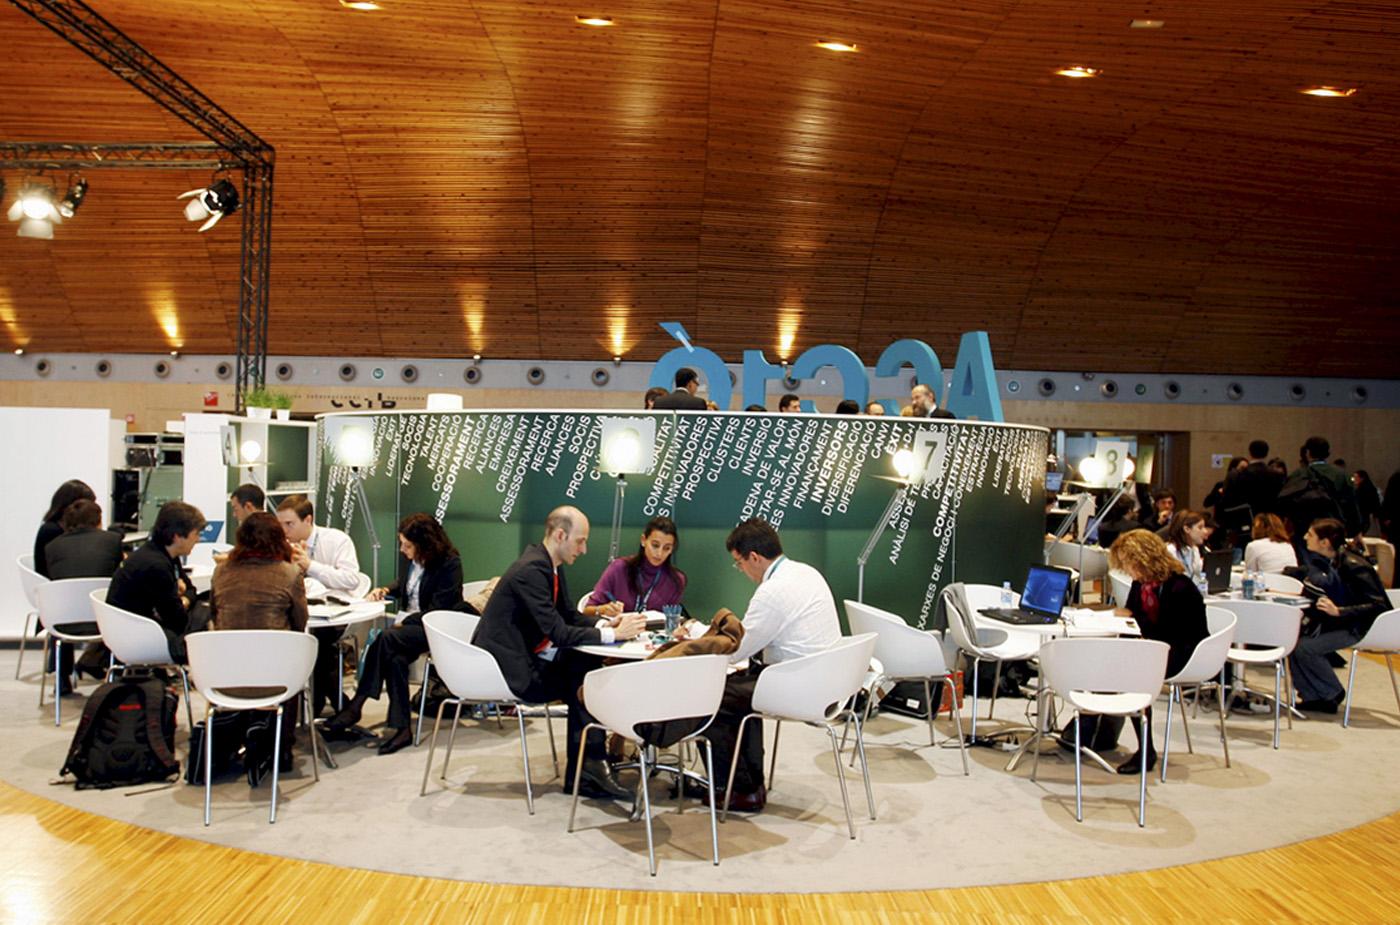 08-ACC10-interaccio-creartiva-stand-espai-evemnto-feria-expo